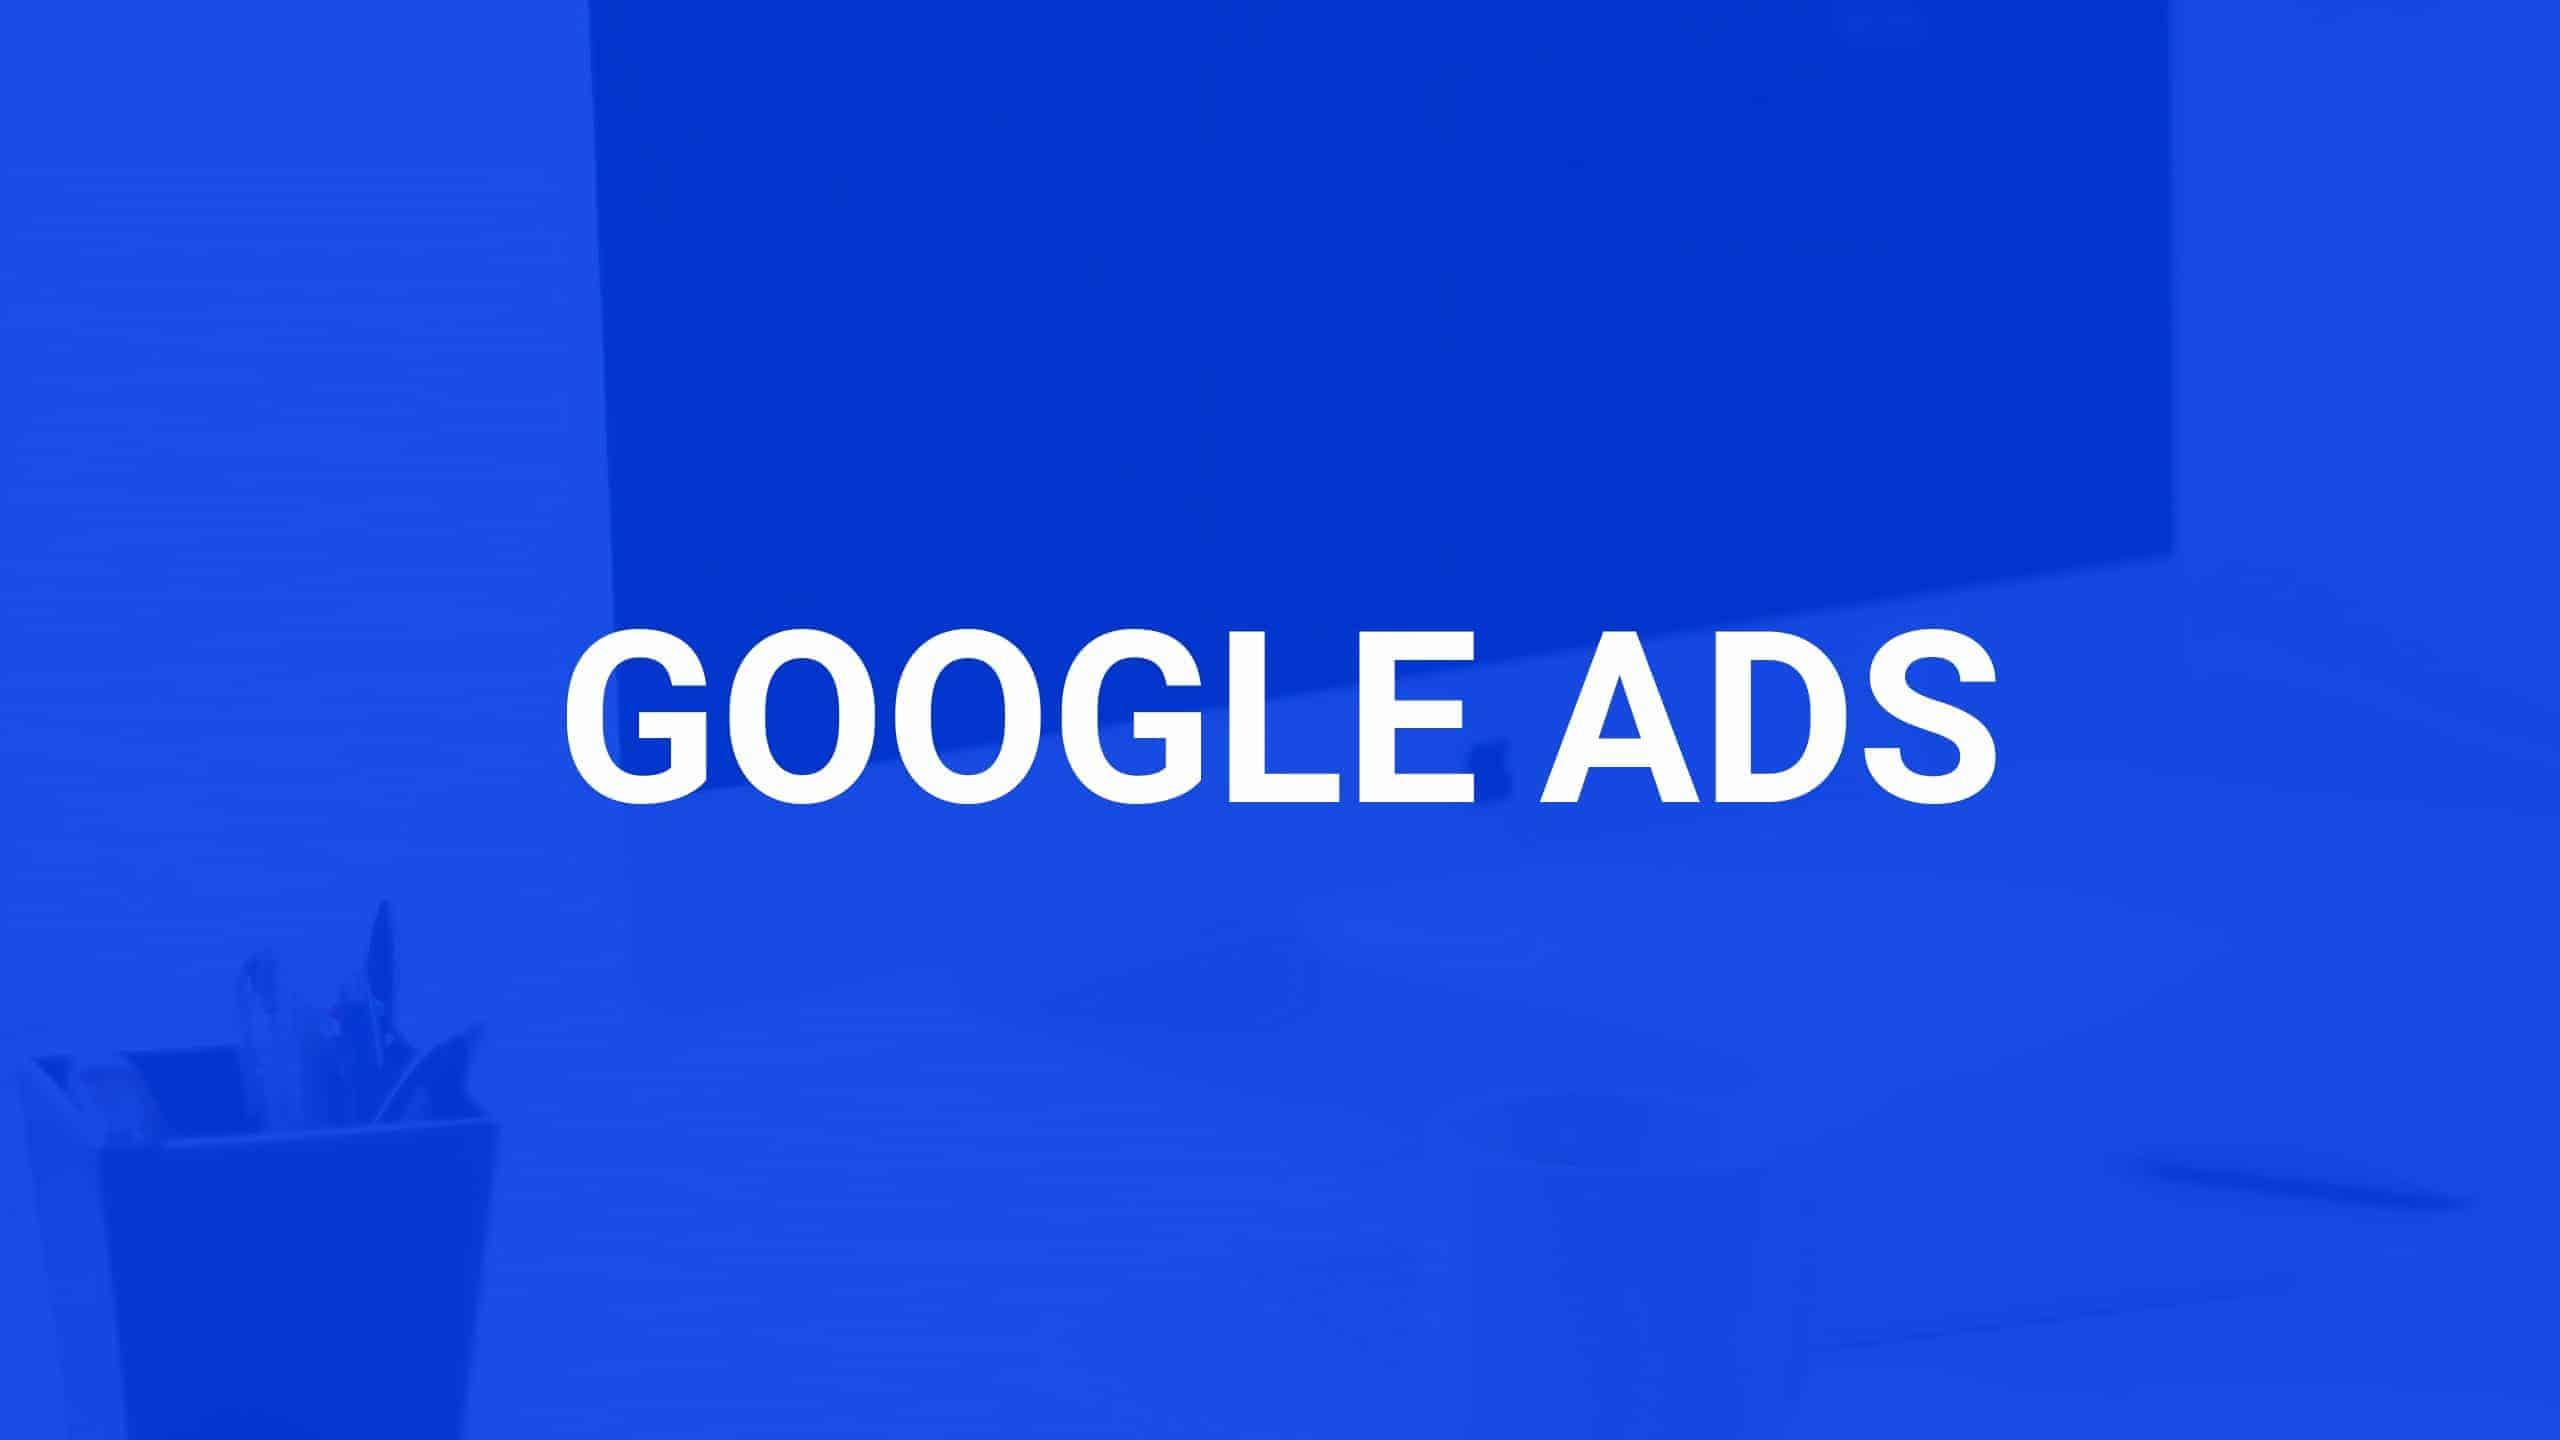 Google blokuje reklamy - Dlaczego i jakie? 5